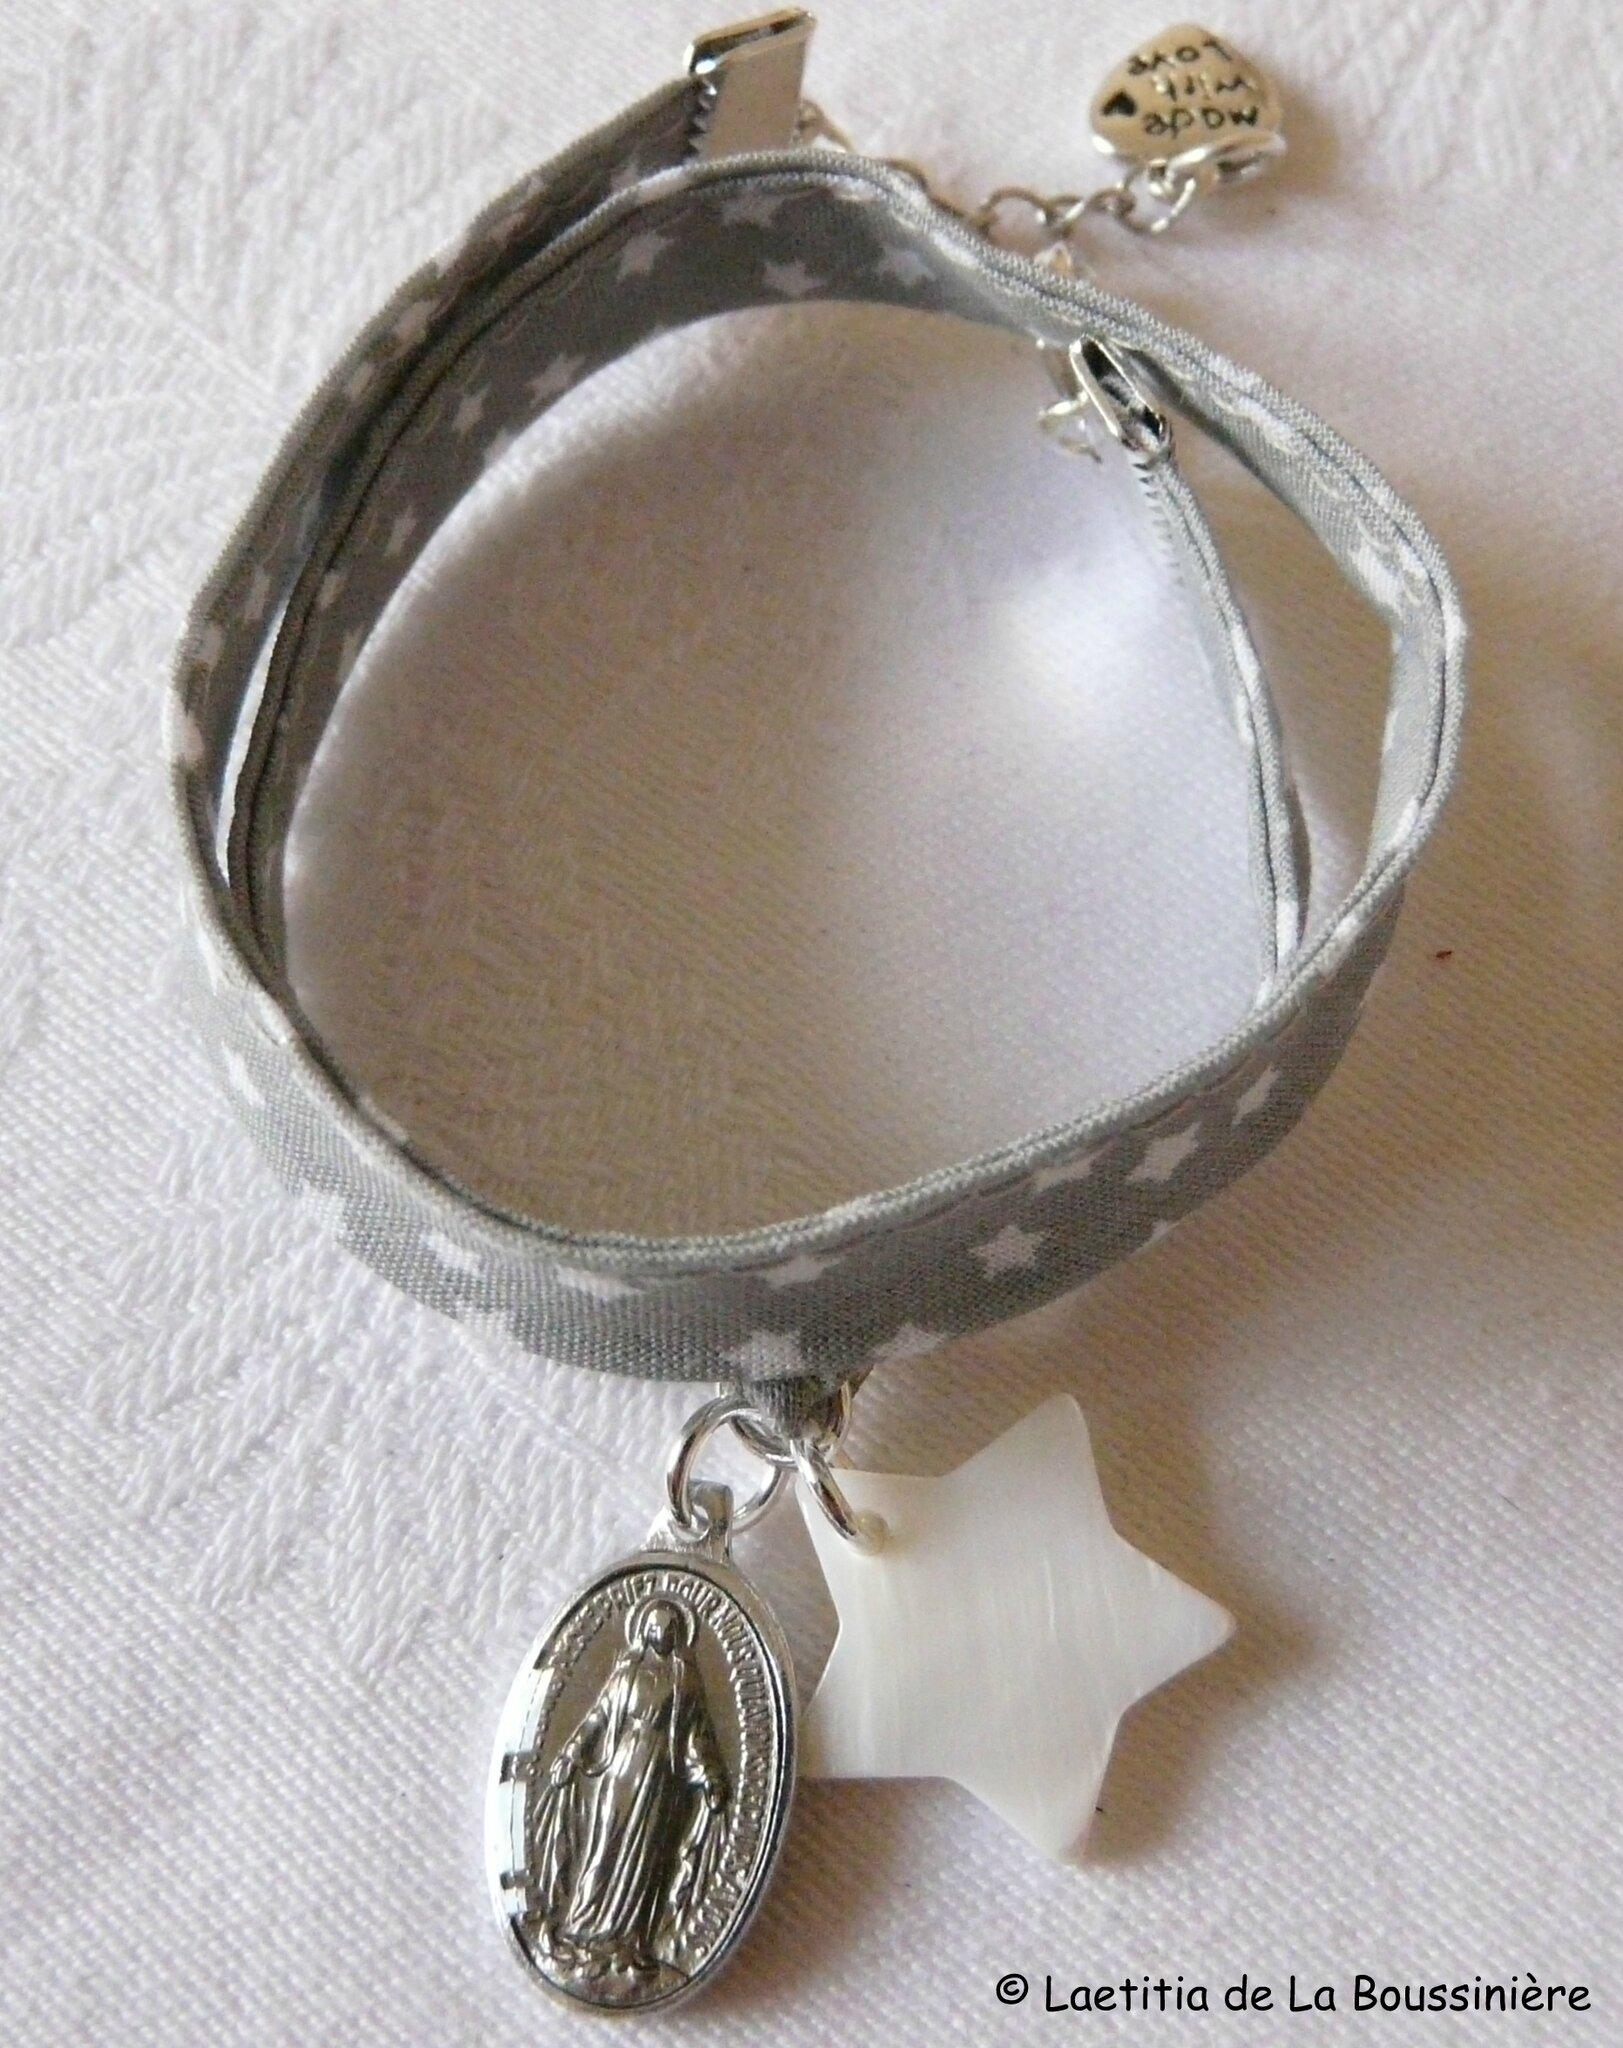 Bracelet Couronnée d'Etoiles